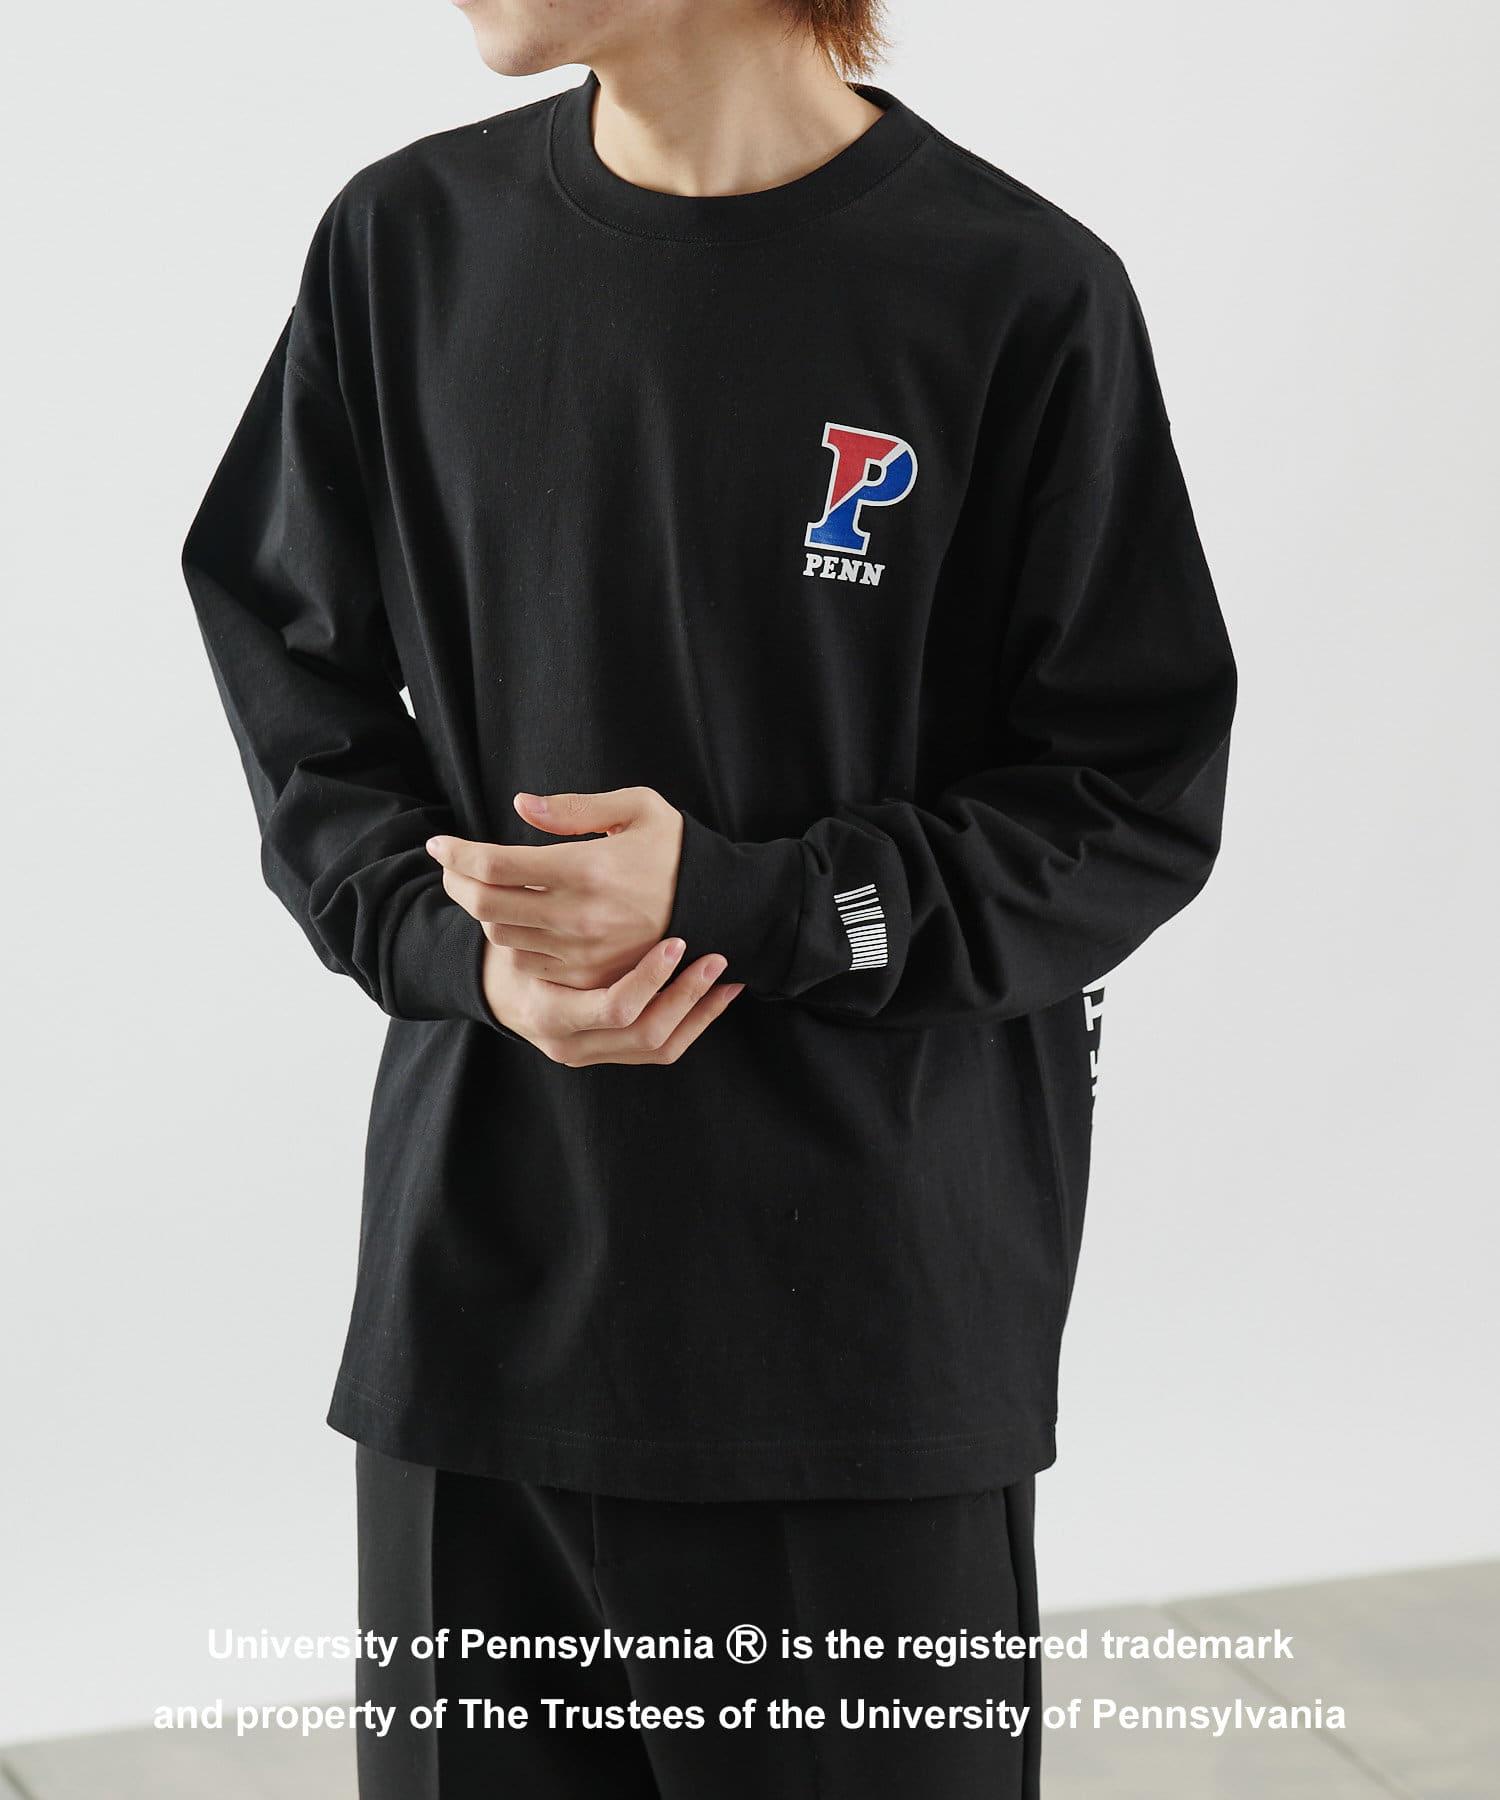 COLONY 2139(コロニー トゥーワンスリーナイン) COLONY 2139(コロニー トゥーワンスリーナイン) カレッジUSAコットン天竺長袖Tシャツ/ロンT (ユニセックス可) ブラックその他2